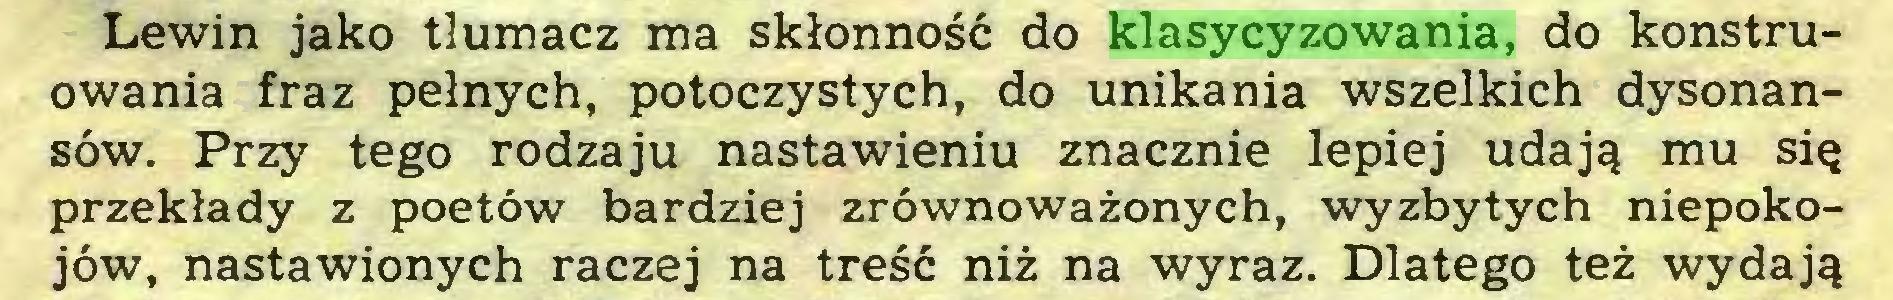 (...) Lewin jako tłumacz ma skłonność do klasycyzowania, do konstruowania fraz pełnych, potoczystych, do unikania wszelkich dysonansów. Przy tego rodzaju nastawieniu znacznie lepiej udają mu się przekłady z poetów bardziej zrównoważonych, wyzbytych niepokojów, nastawionych raczej na treść niż na wyraz. Dlatego też wydają...